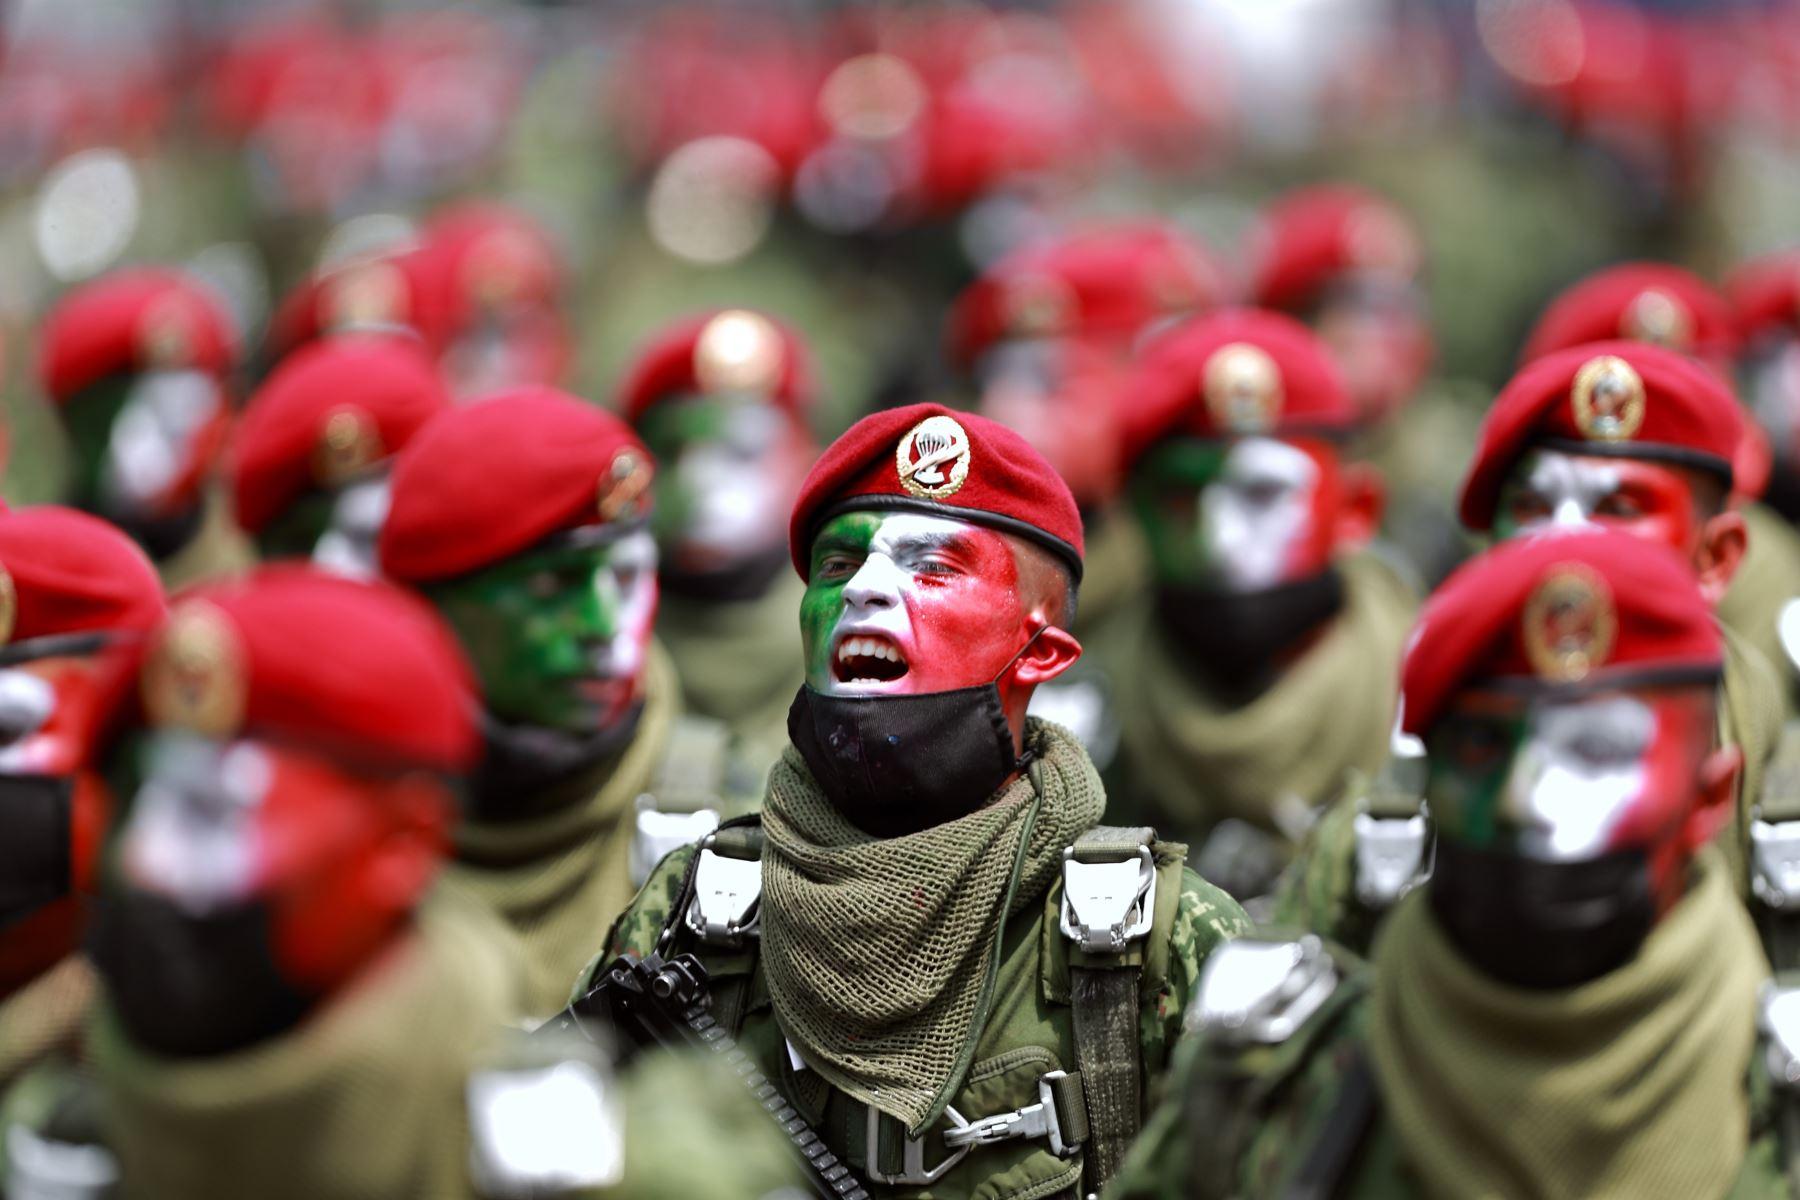 Soldados marchan durante el desfile militar por el 211 Aniversario de la Independencia de México, en el Paseo de la Reforma. Foto: EFE